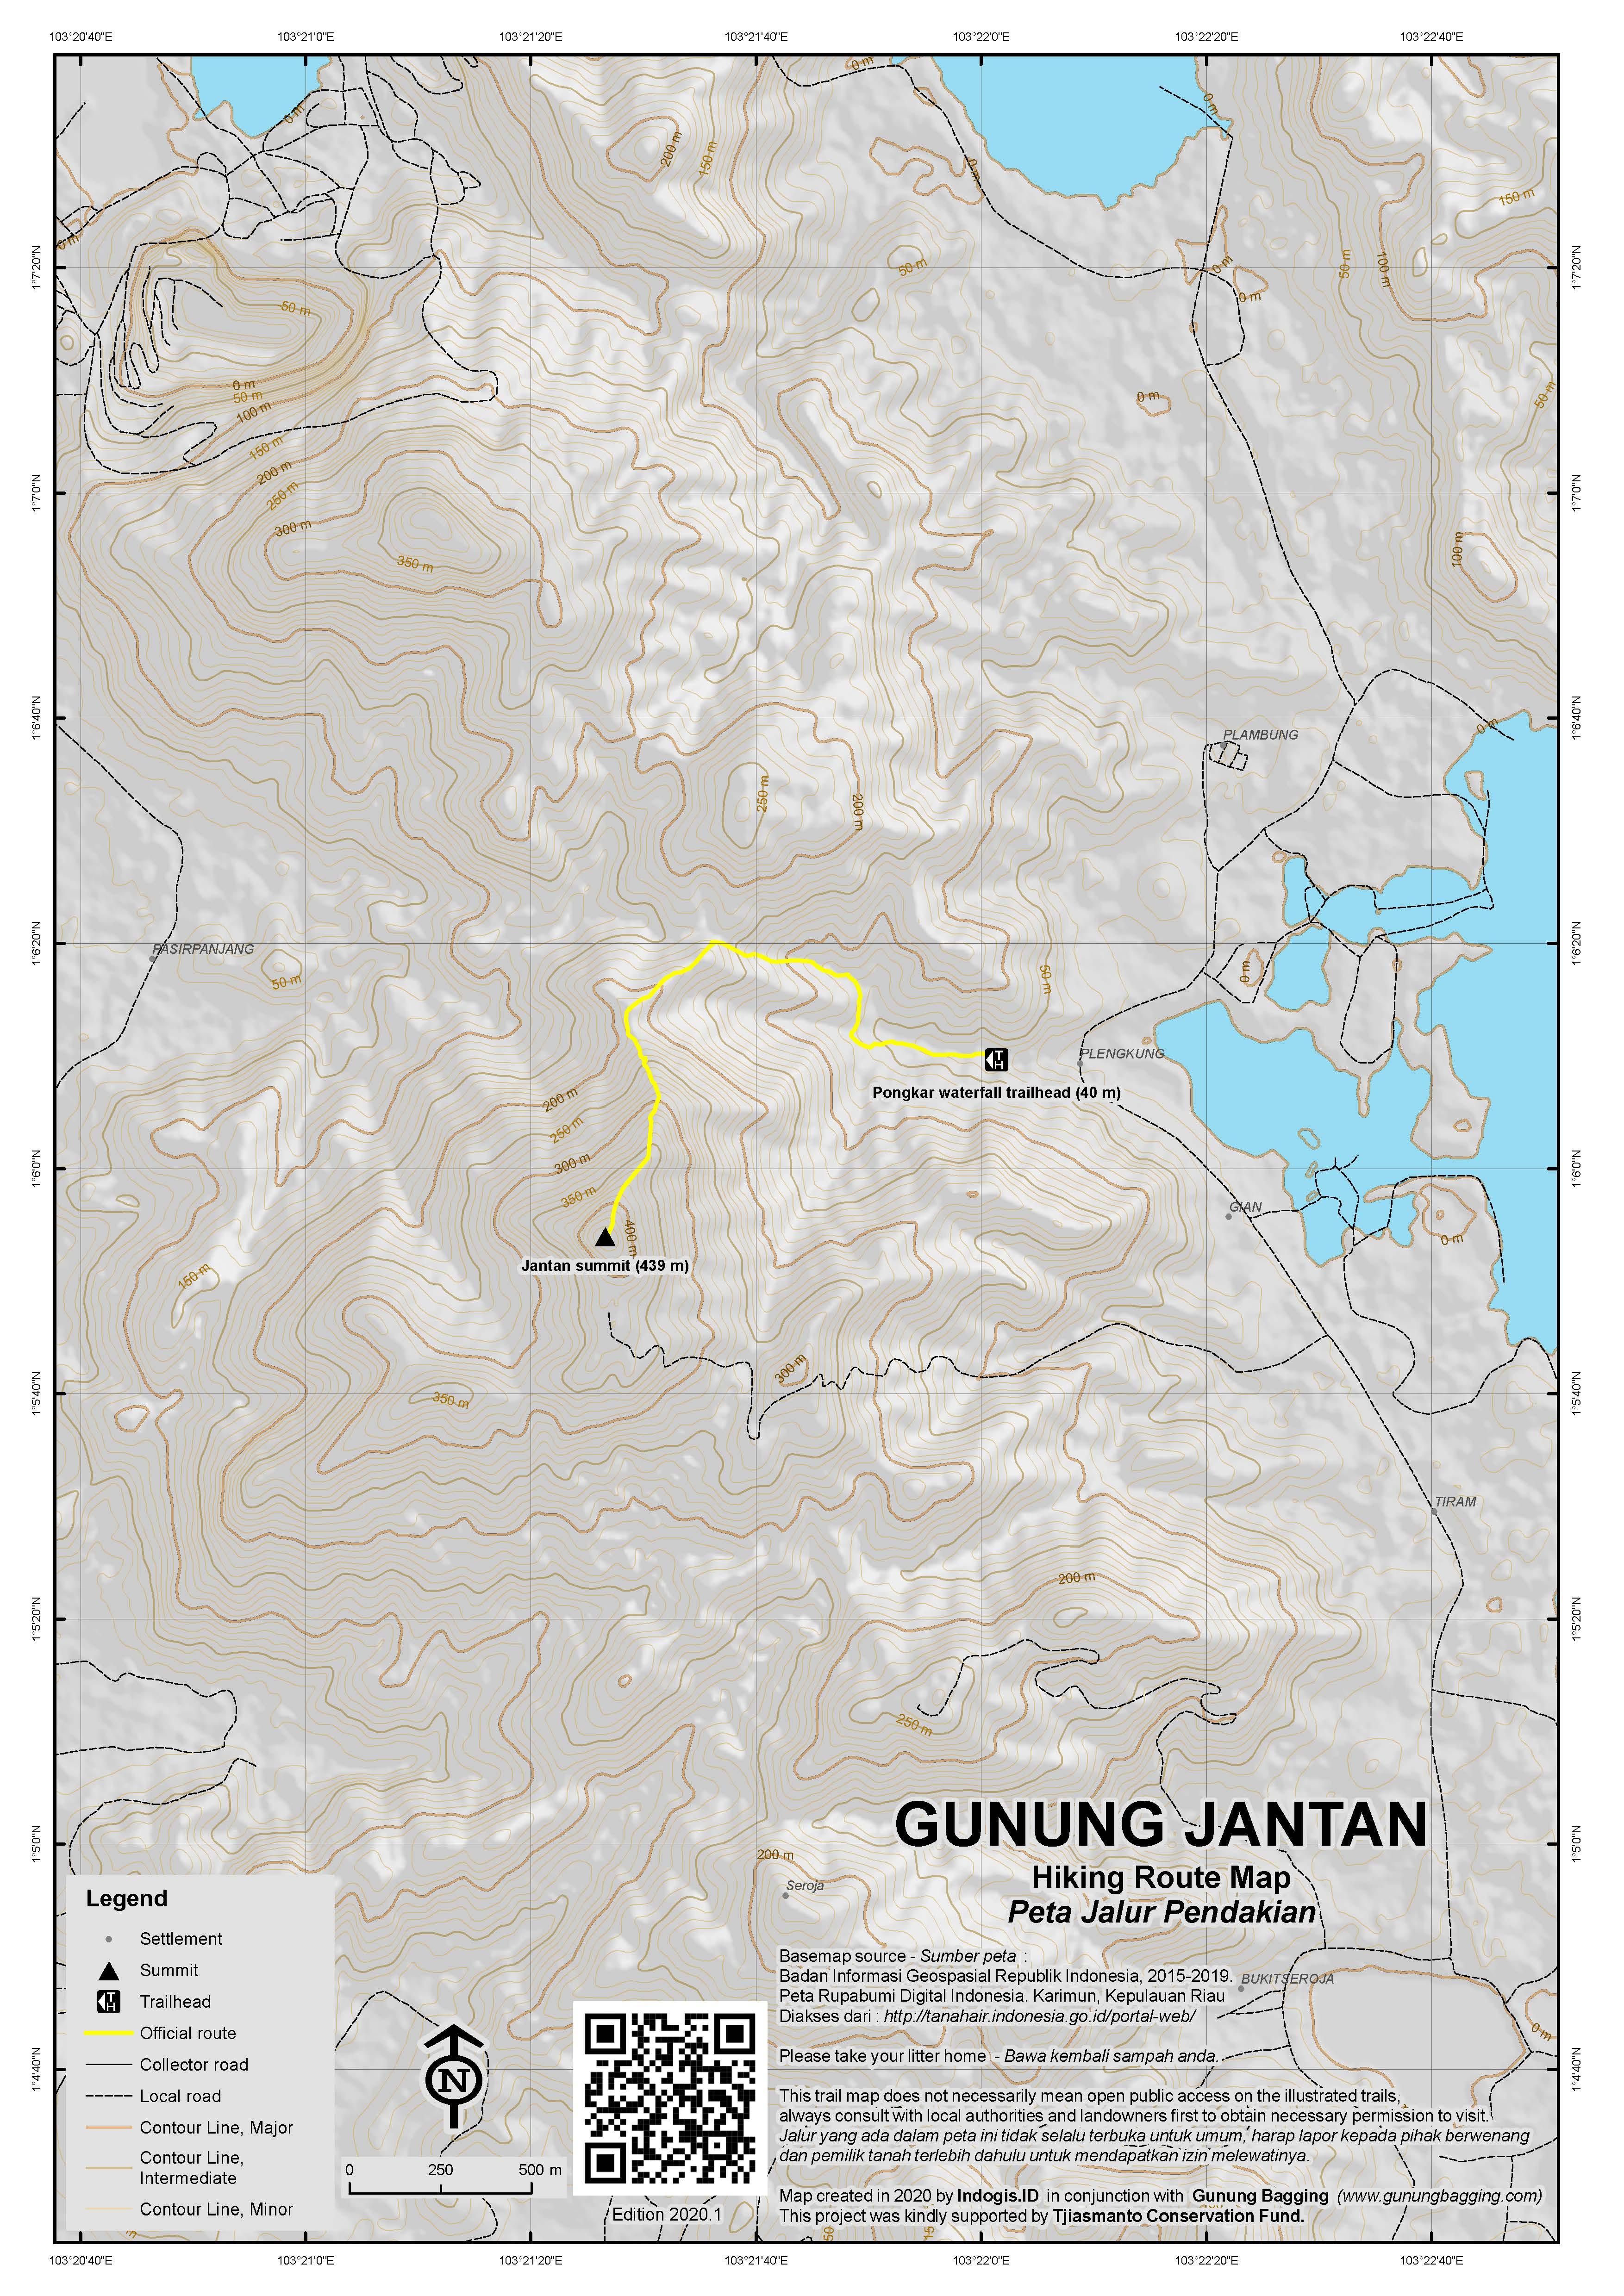 Peta Jalur Pendakian Gunung Jantan